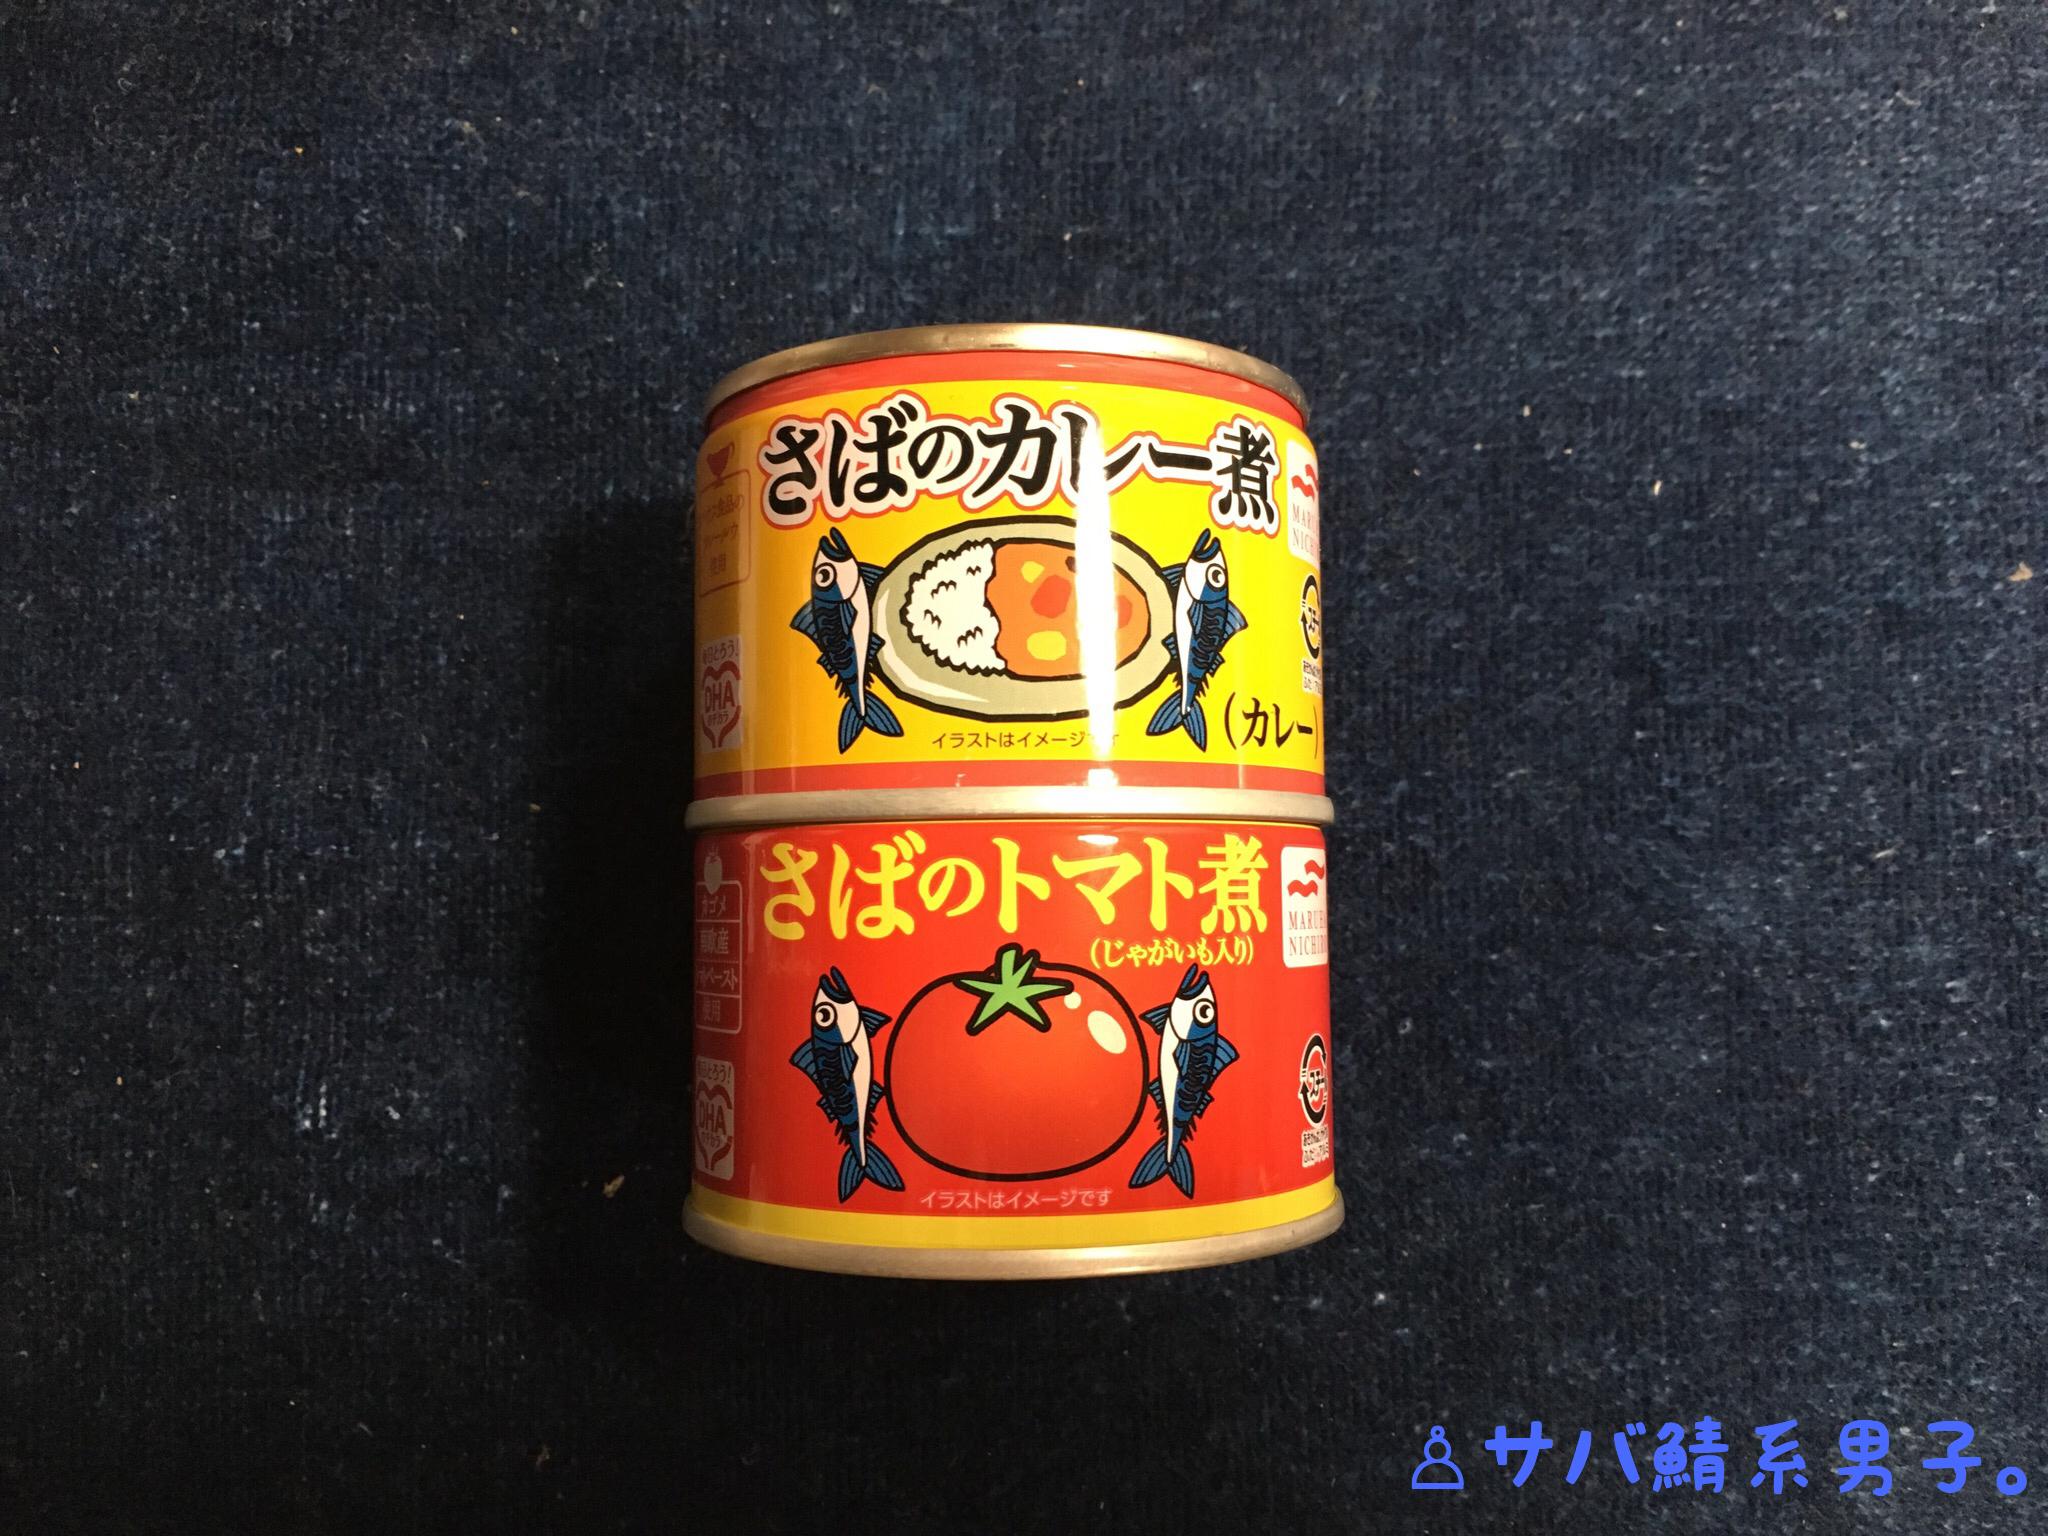 マルハニチロのお惣菜な鯖缶『さばのカレー煮』を食レポしてみた。【5つ星評価、味】